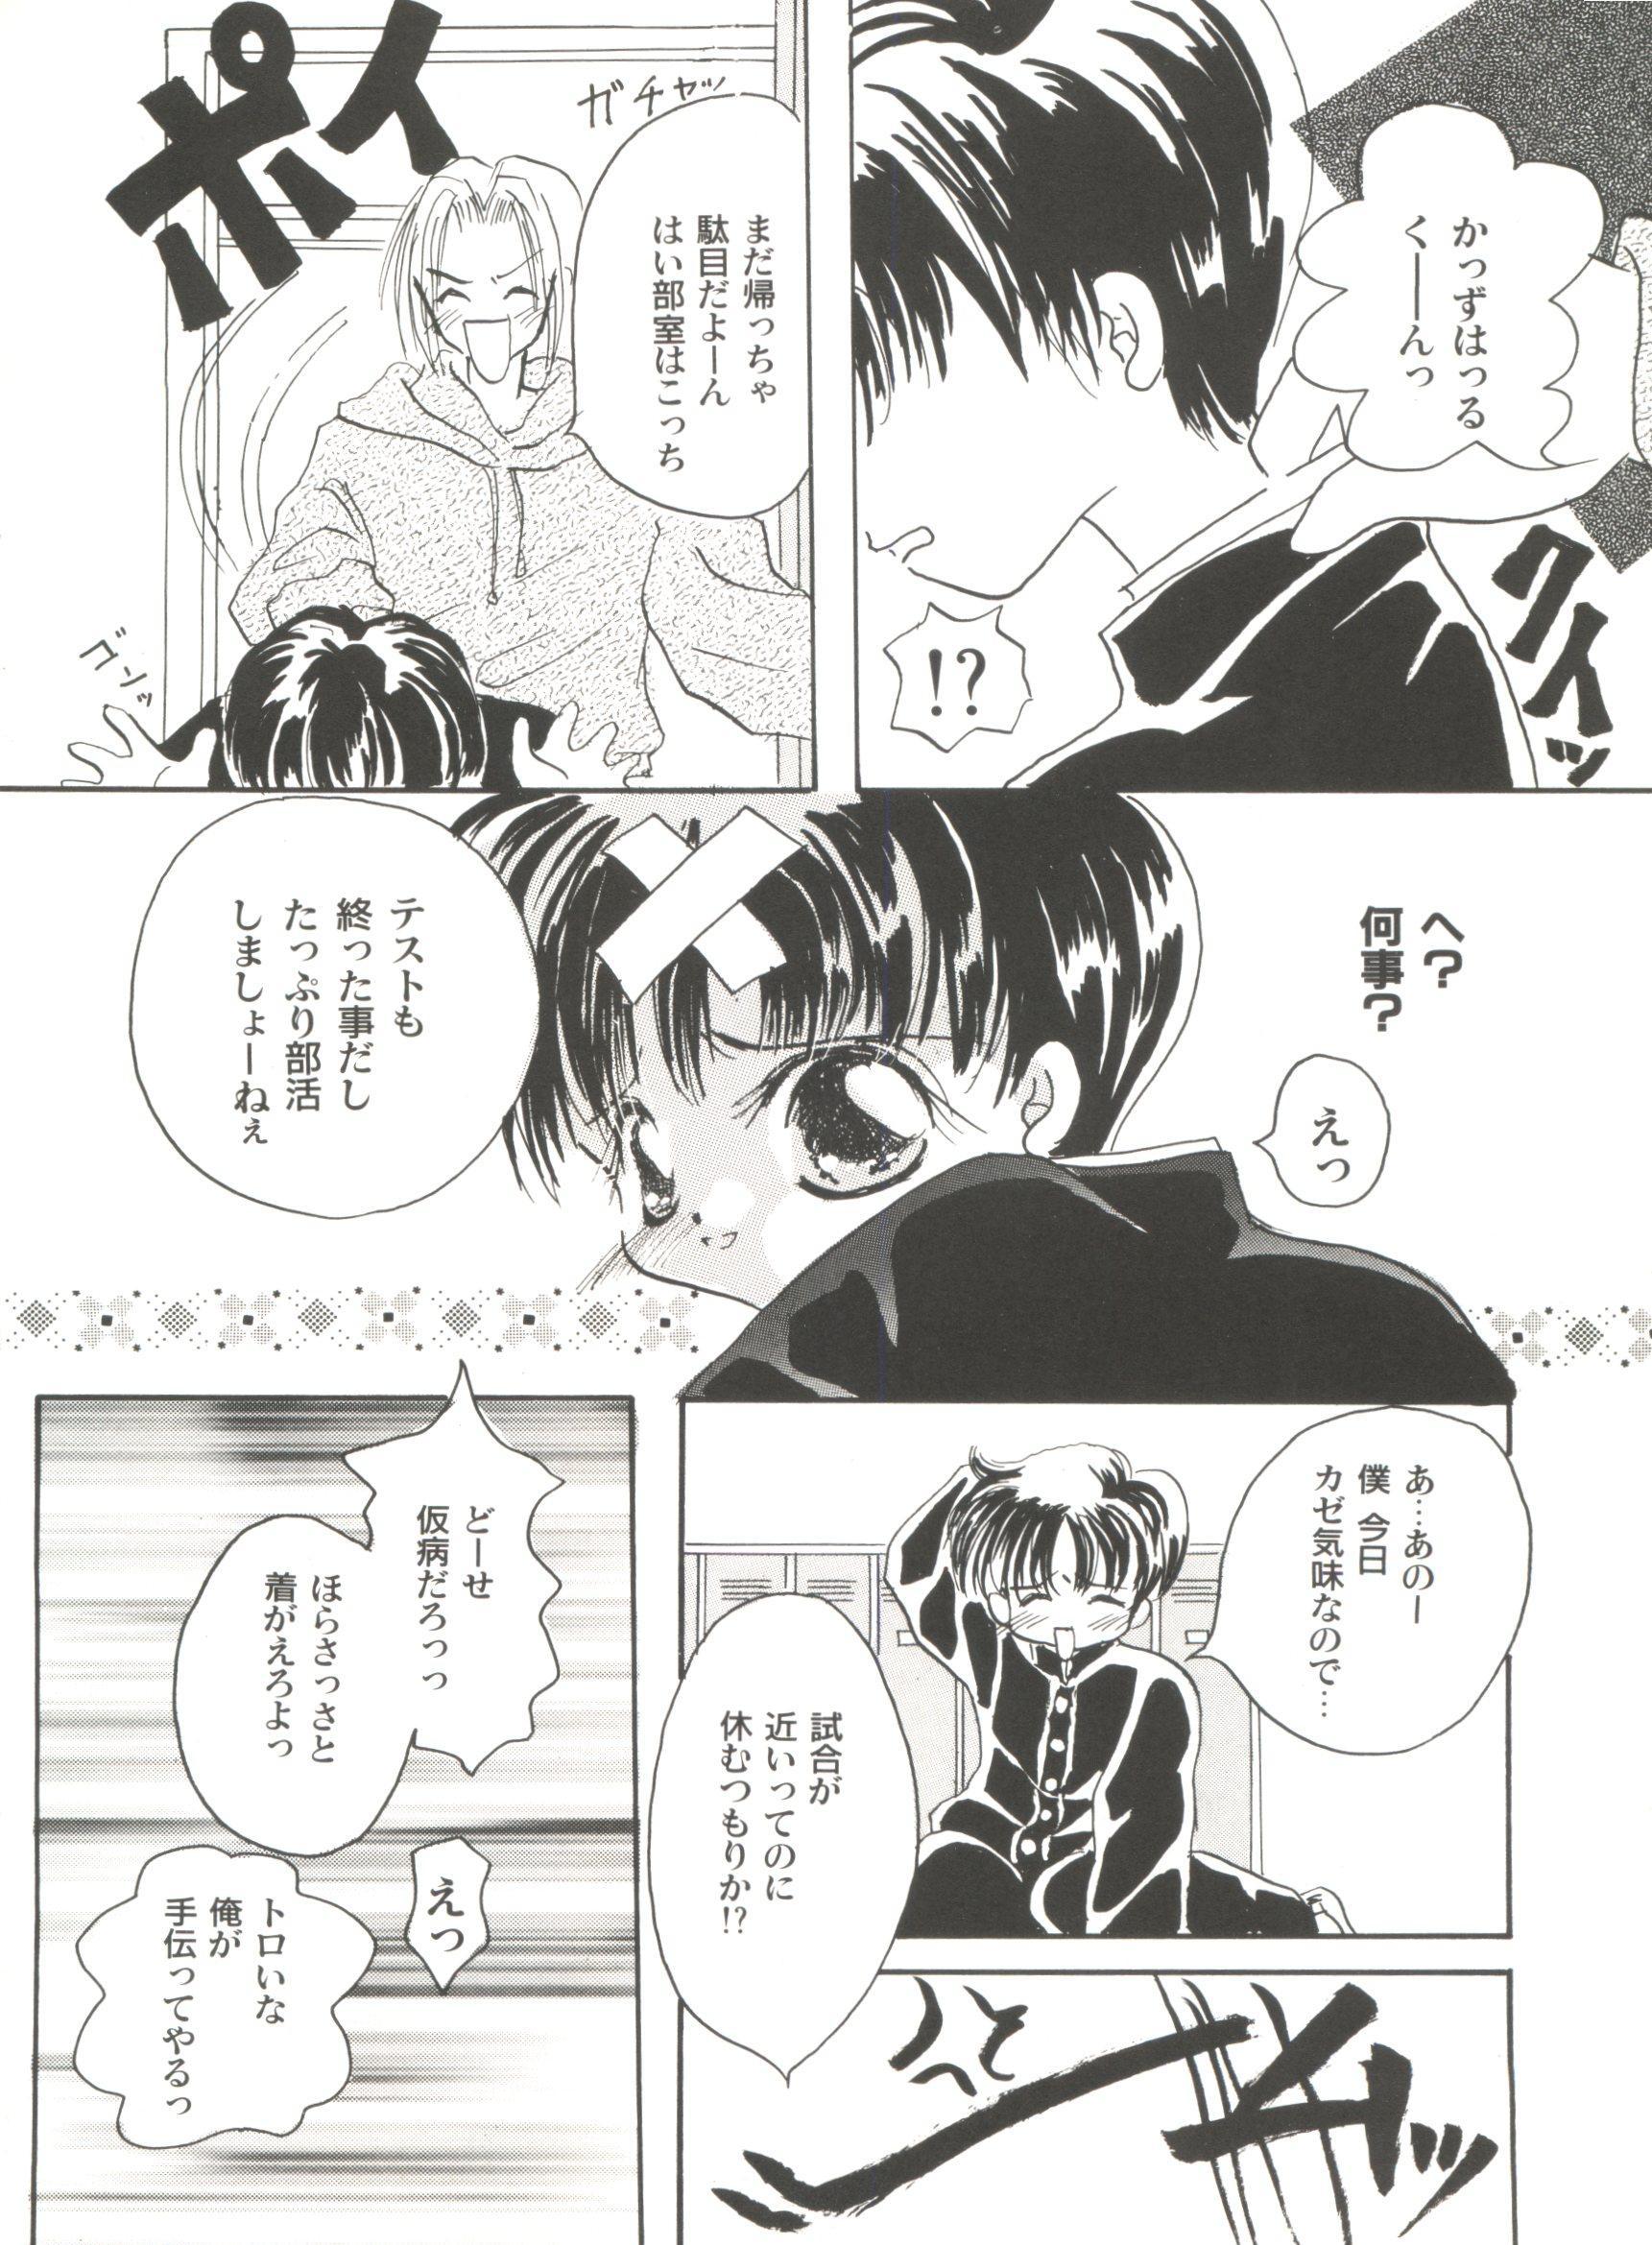 Bishoujo Doujinshi Anthology Cute 4 79